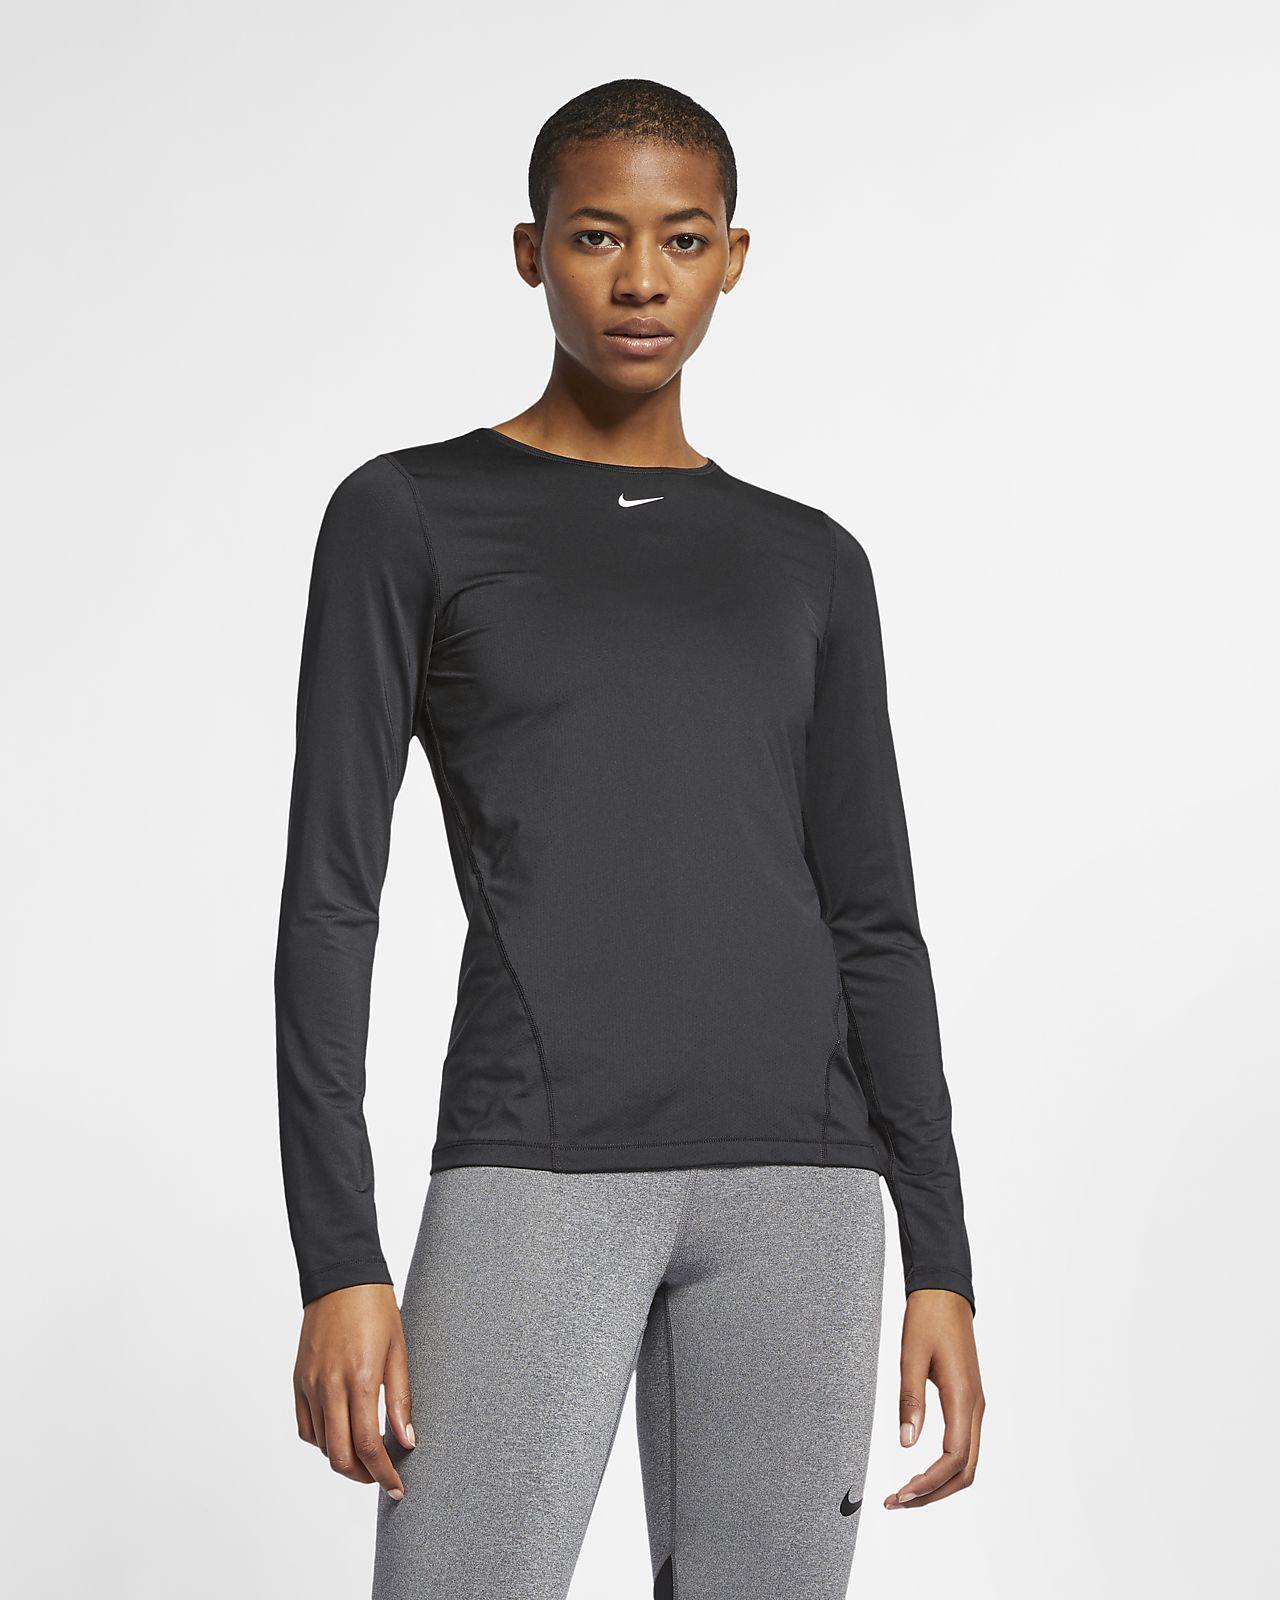 Nike Pro Women's Long-Sleeve Mesh Top